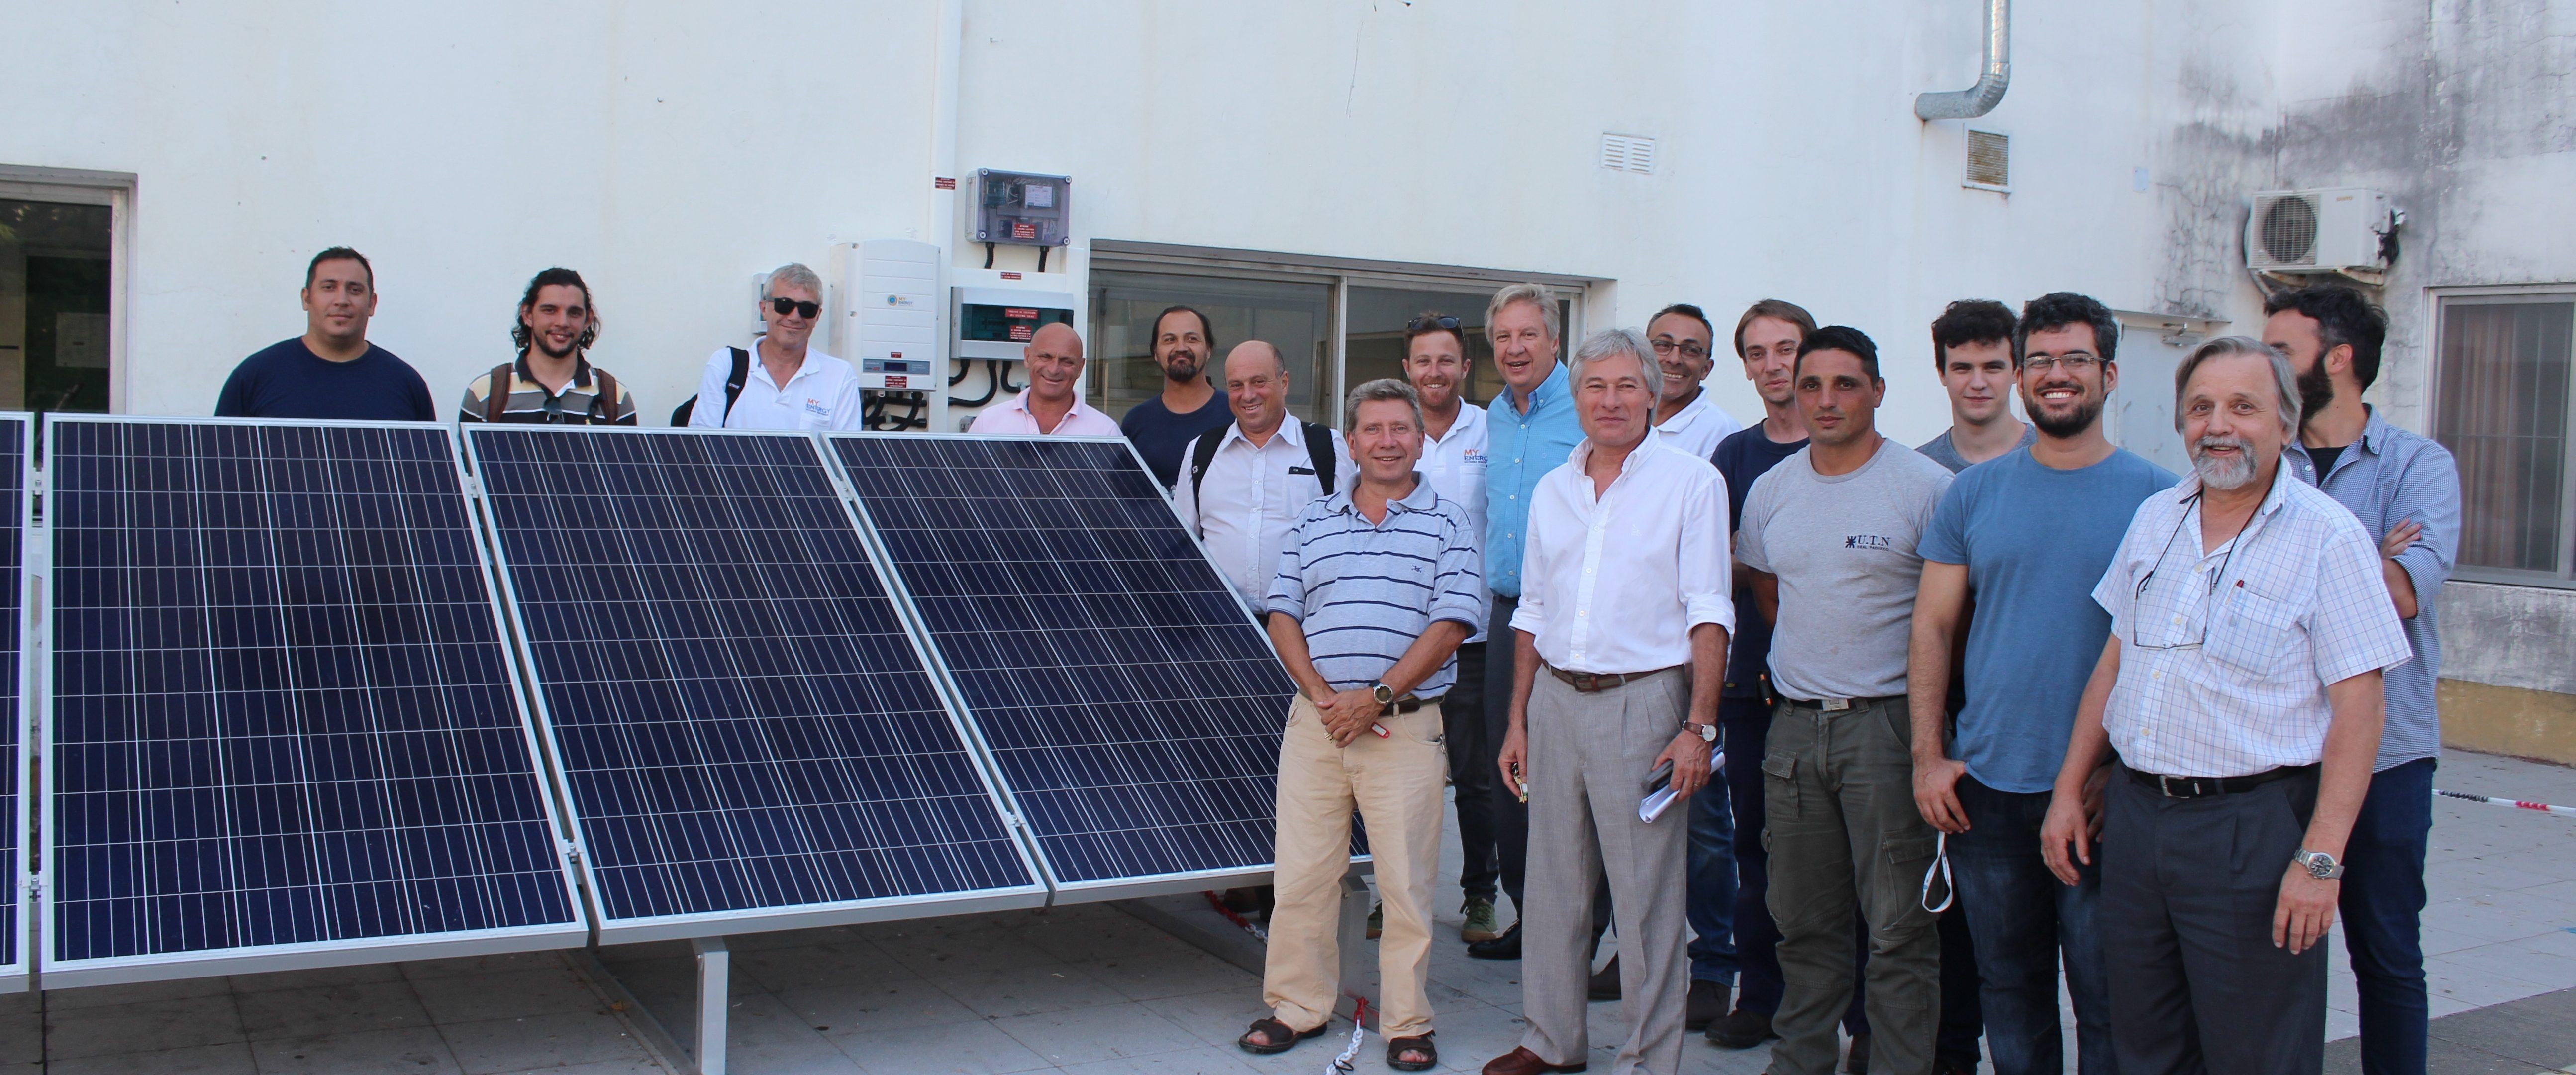 La UTN Regional Pacheco instaló el primer sistema fotovoltaico inteligente del país